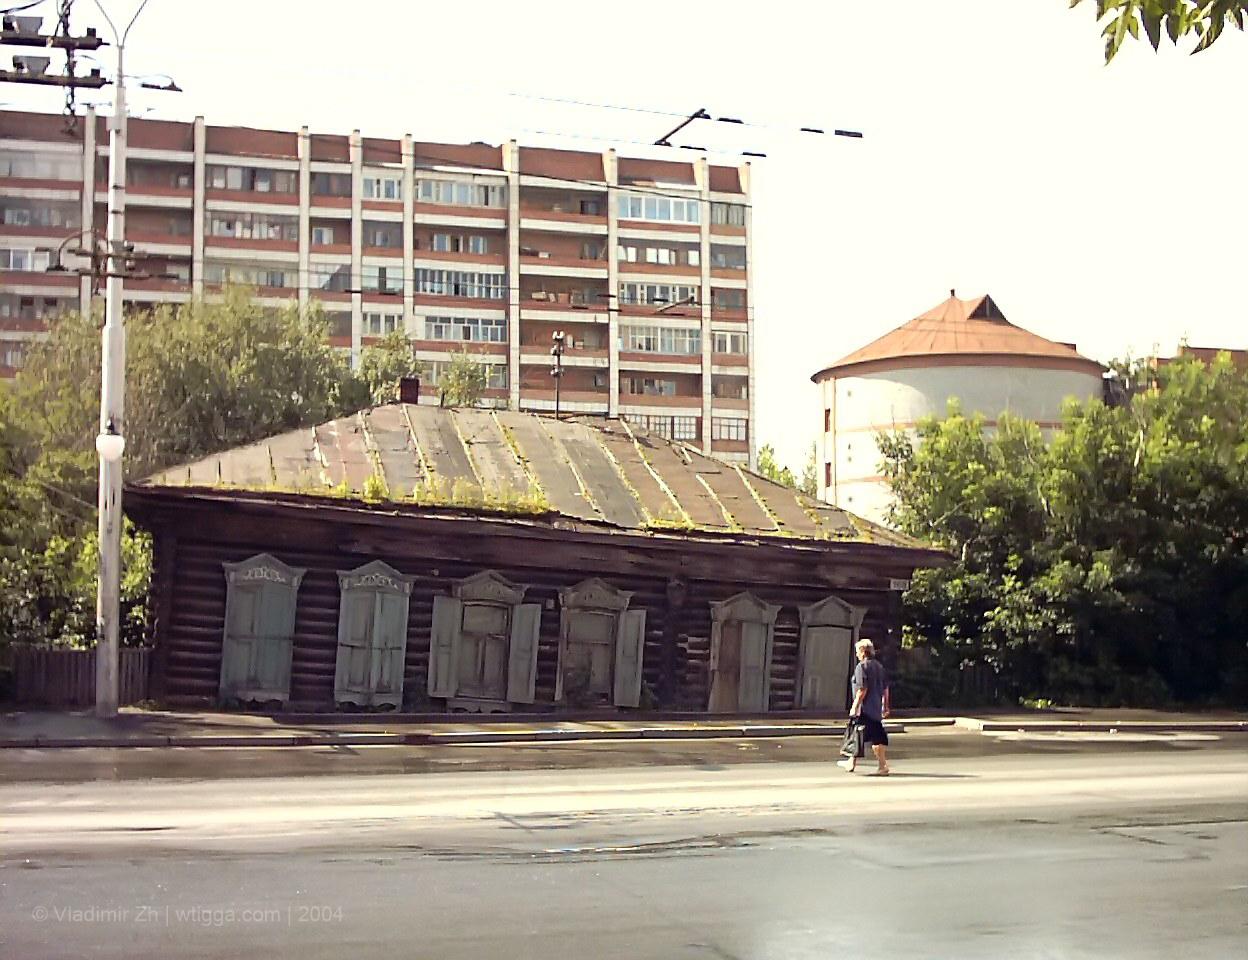 20 июня, покосившийся дом где-то на проспекте Ленина